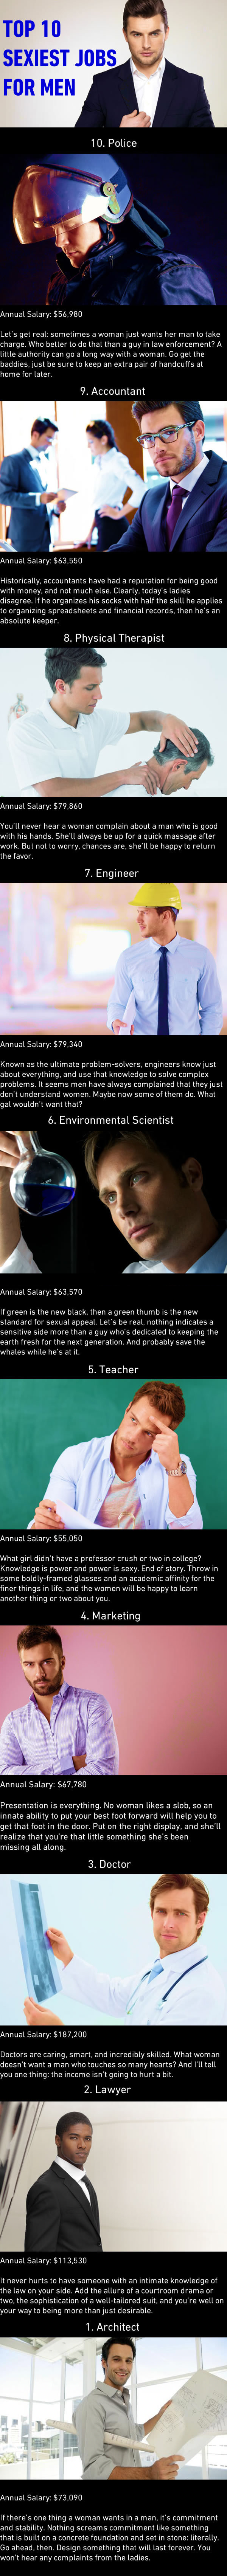 Top 10 Sexiest Jobs For Men